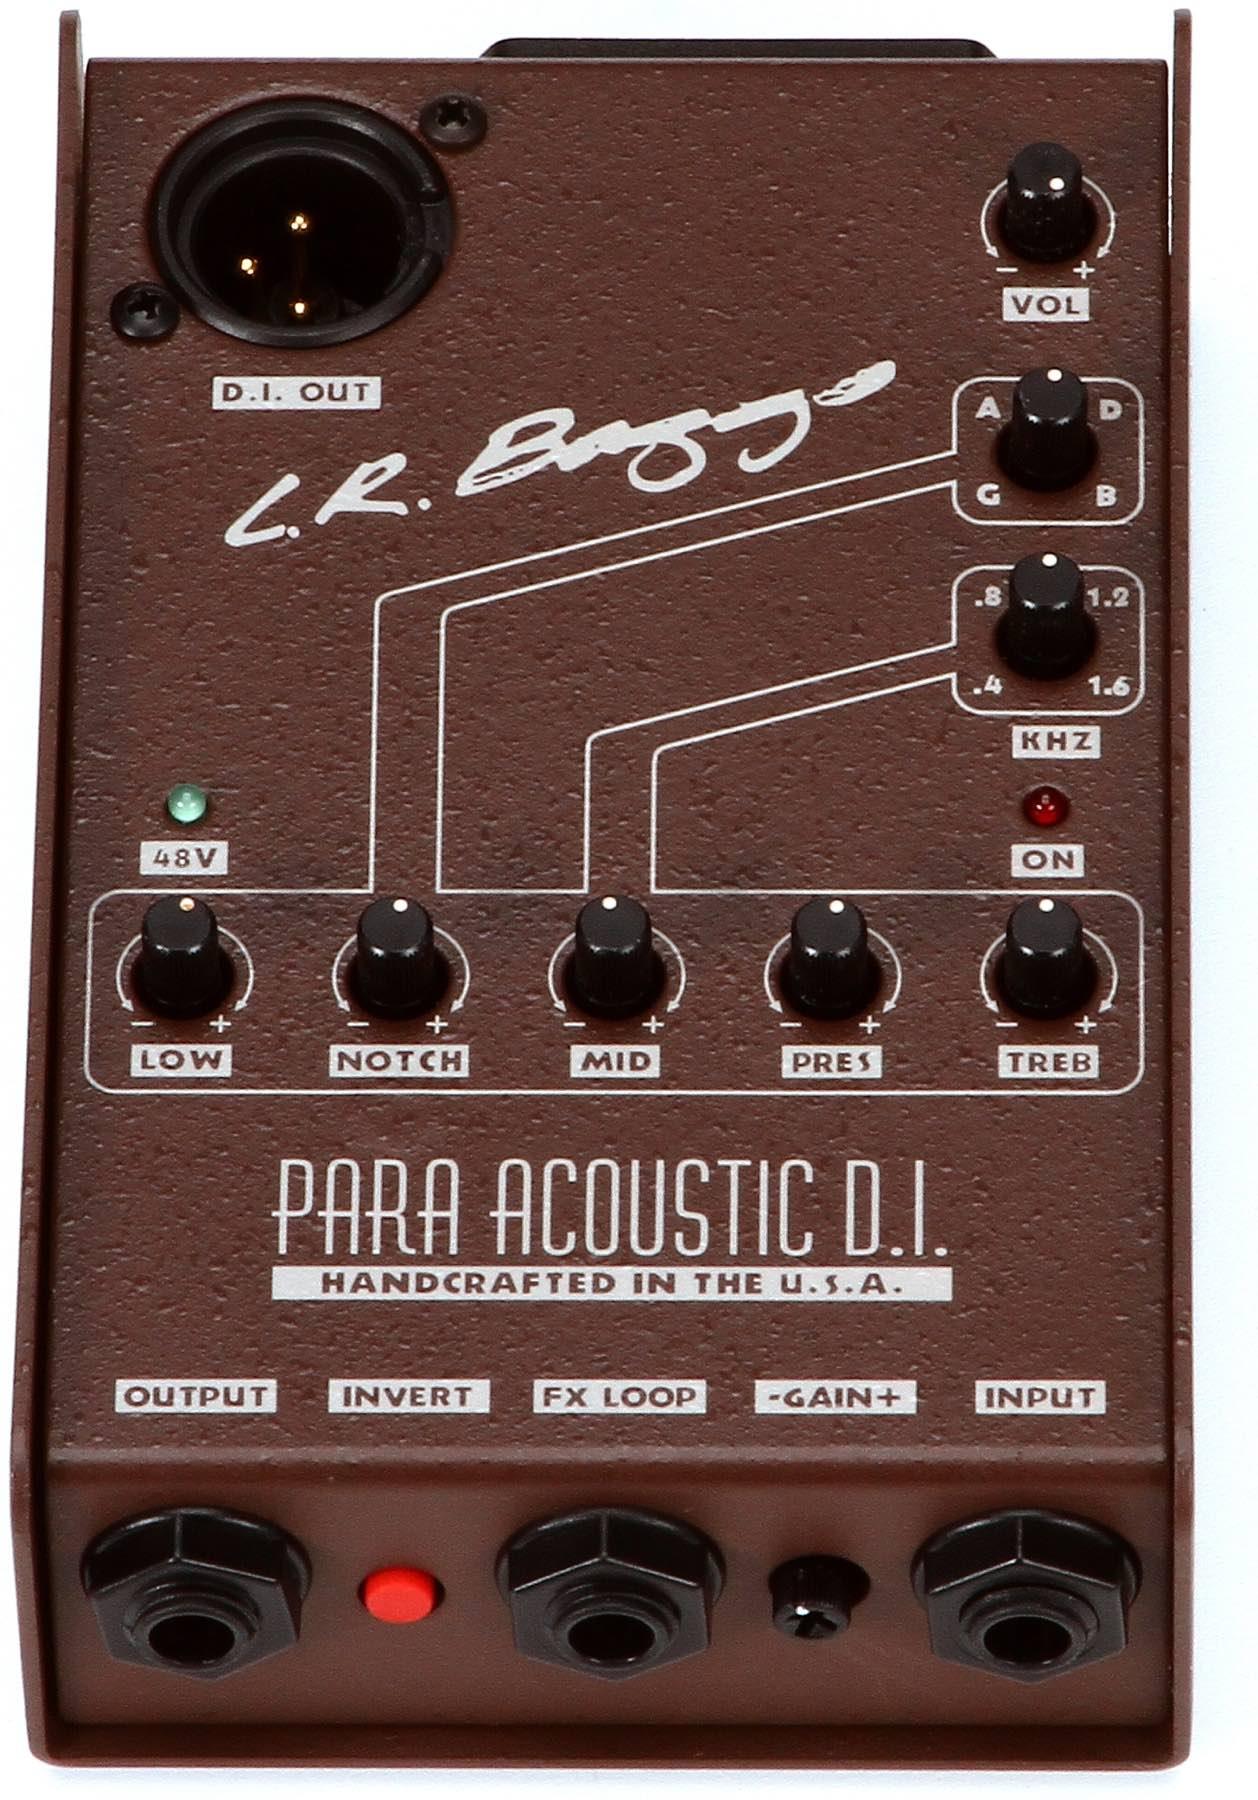 Lr Baggs Para Acoustic DI - Pré Amplificador, Direct box e 5 band EQ